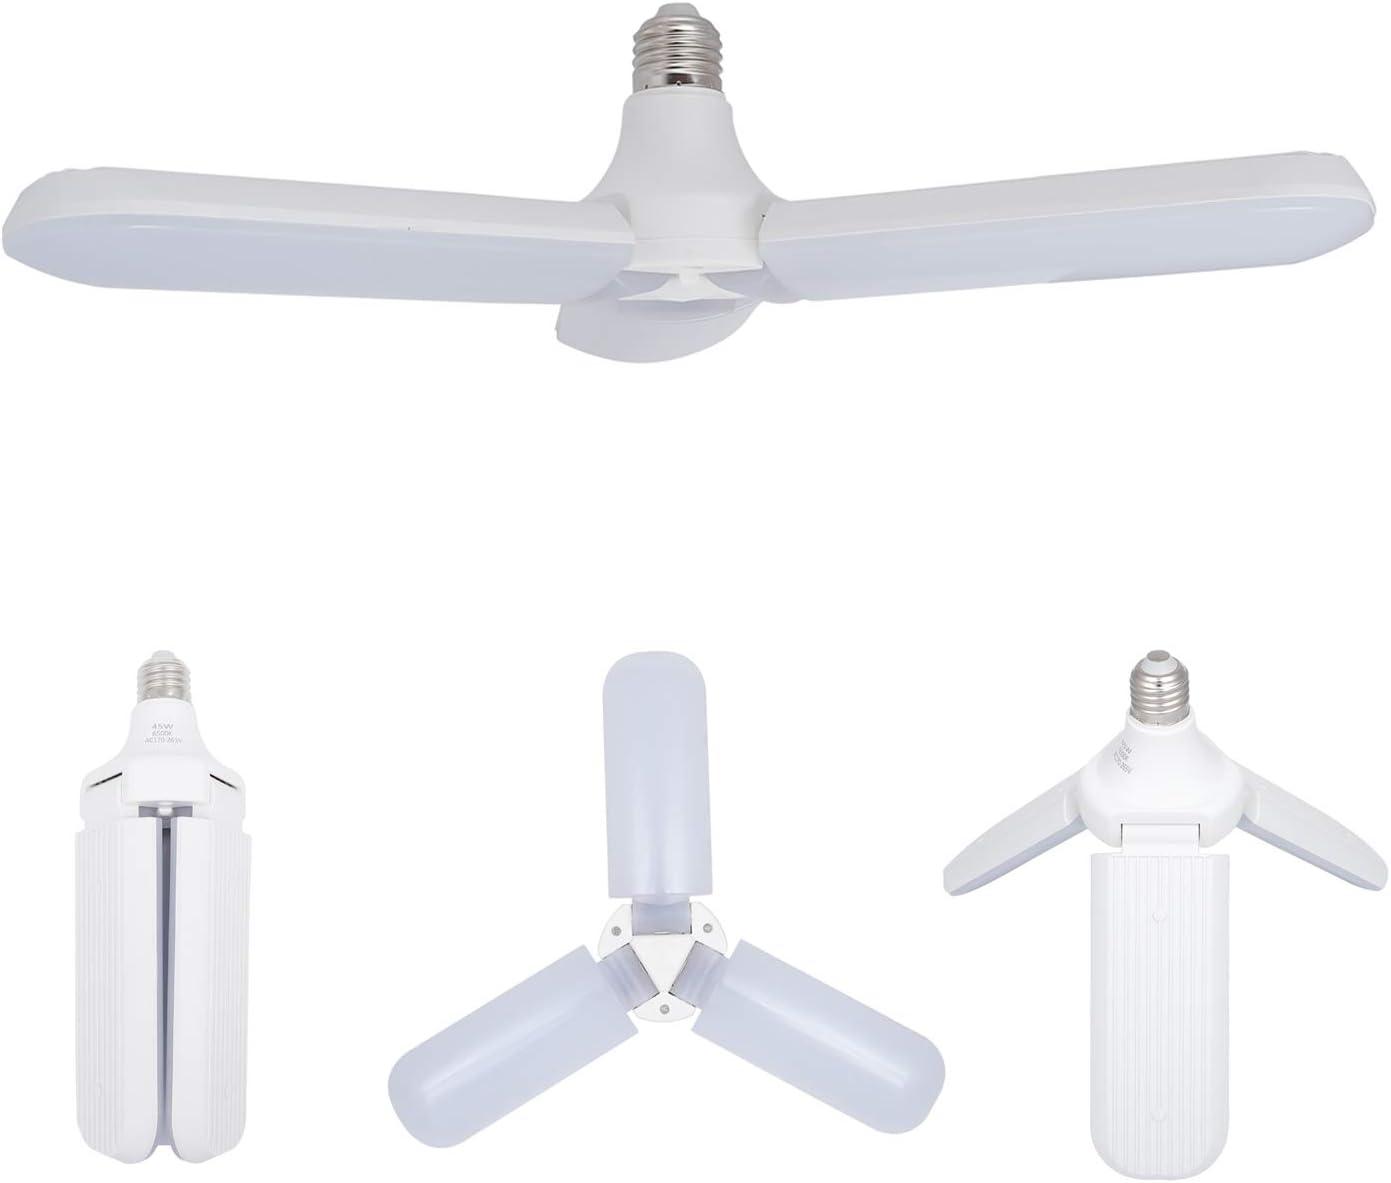 LED Garage Light Bulb, Deformable LED Light 45W Cold White, E27/E26 Foldable Fan Blade 6500K Ultra-Bright Ceiling Lamp Bulb for Home Garage Porch Backyard Garden